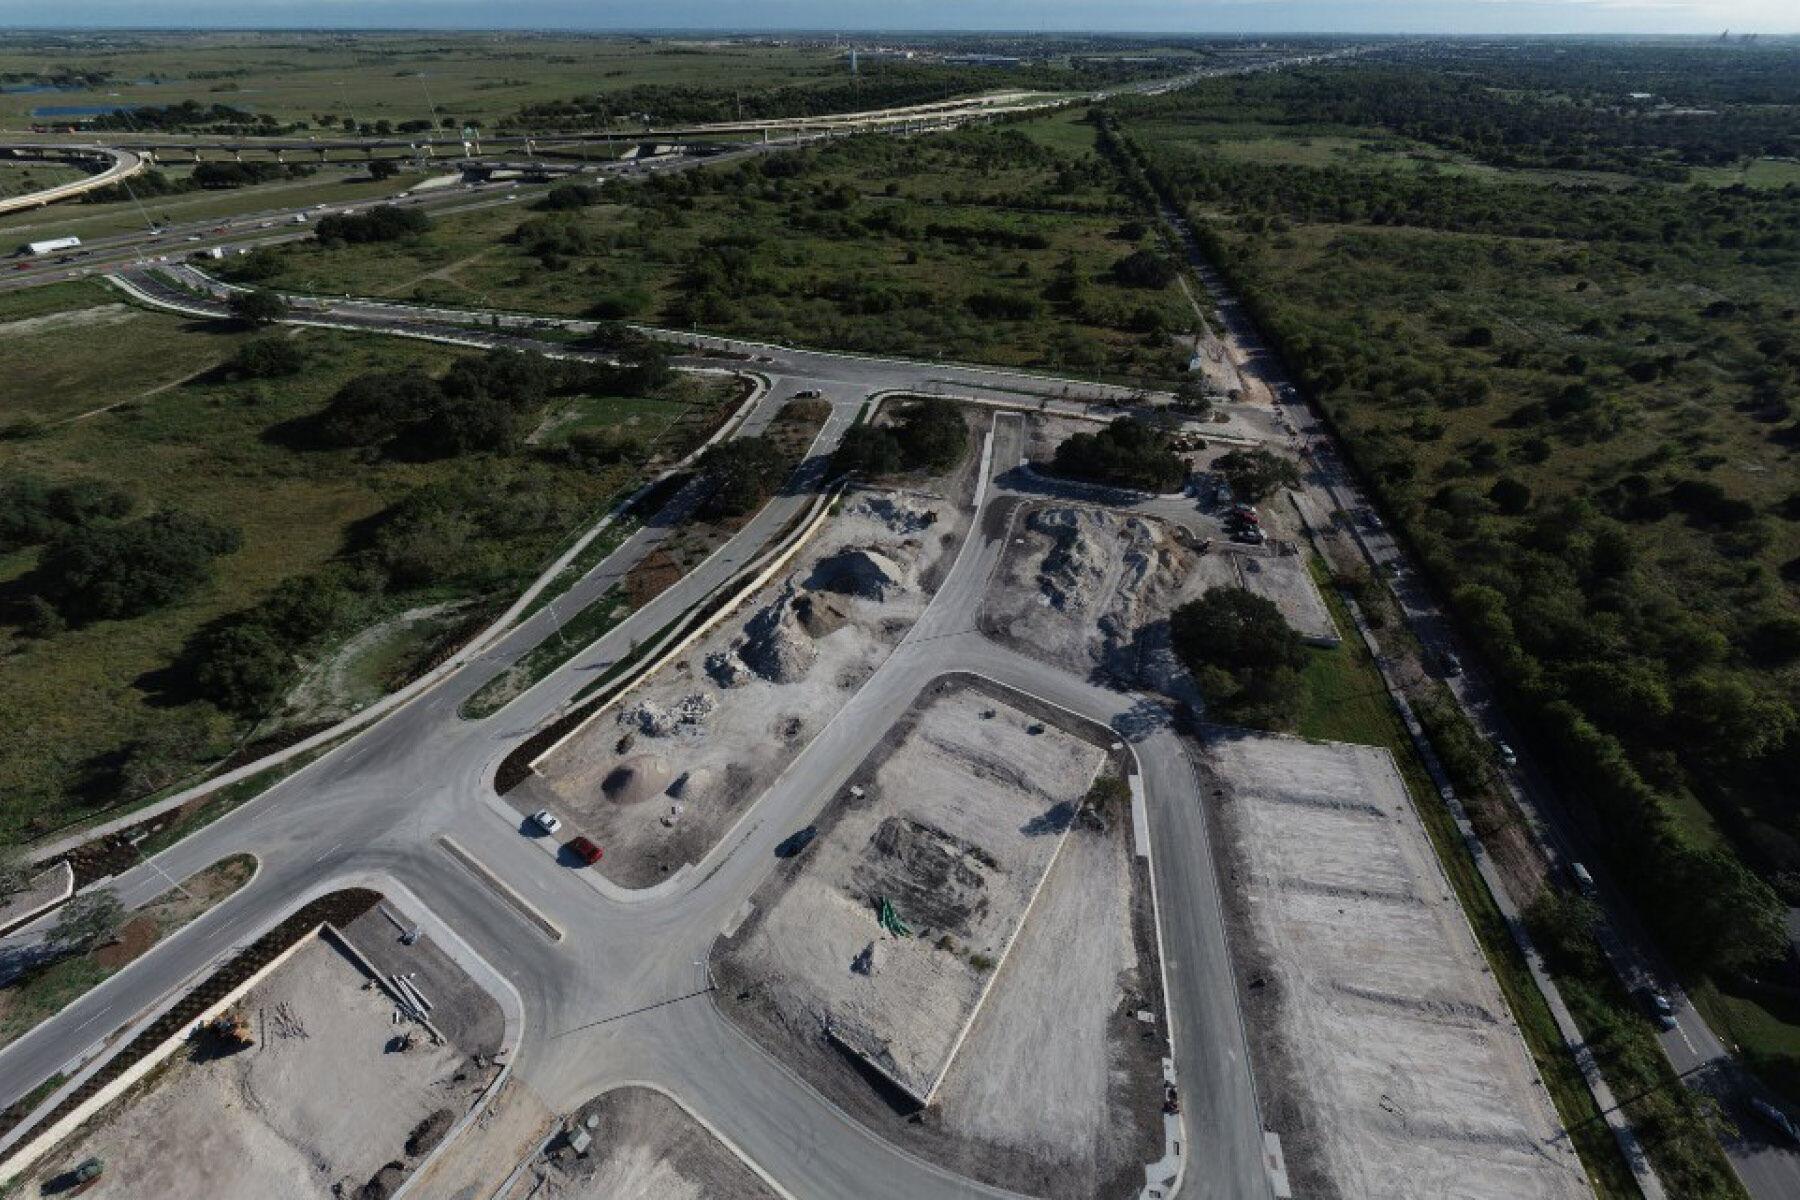 Hills at Estancia Aerial